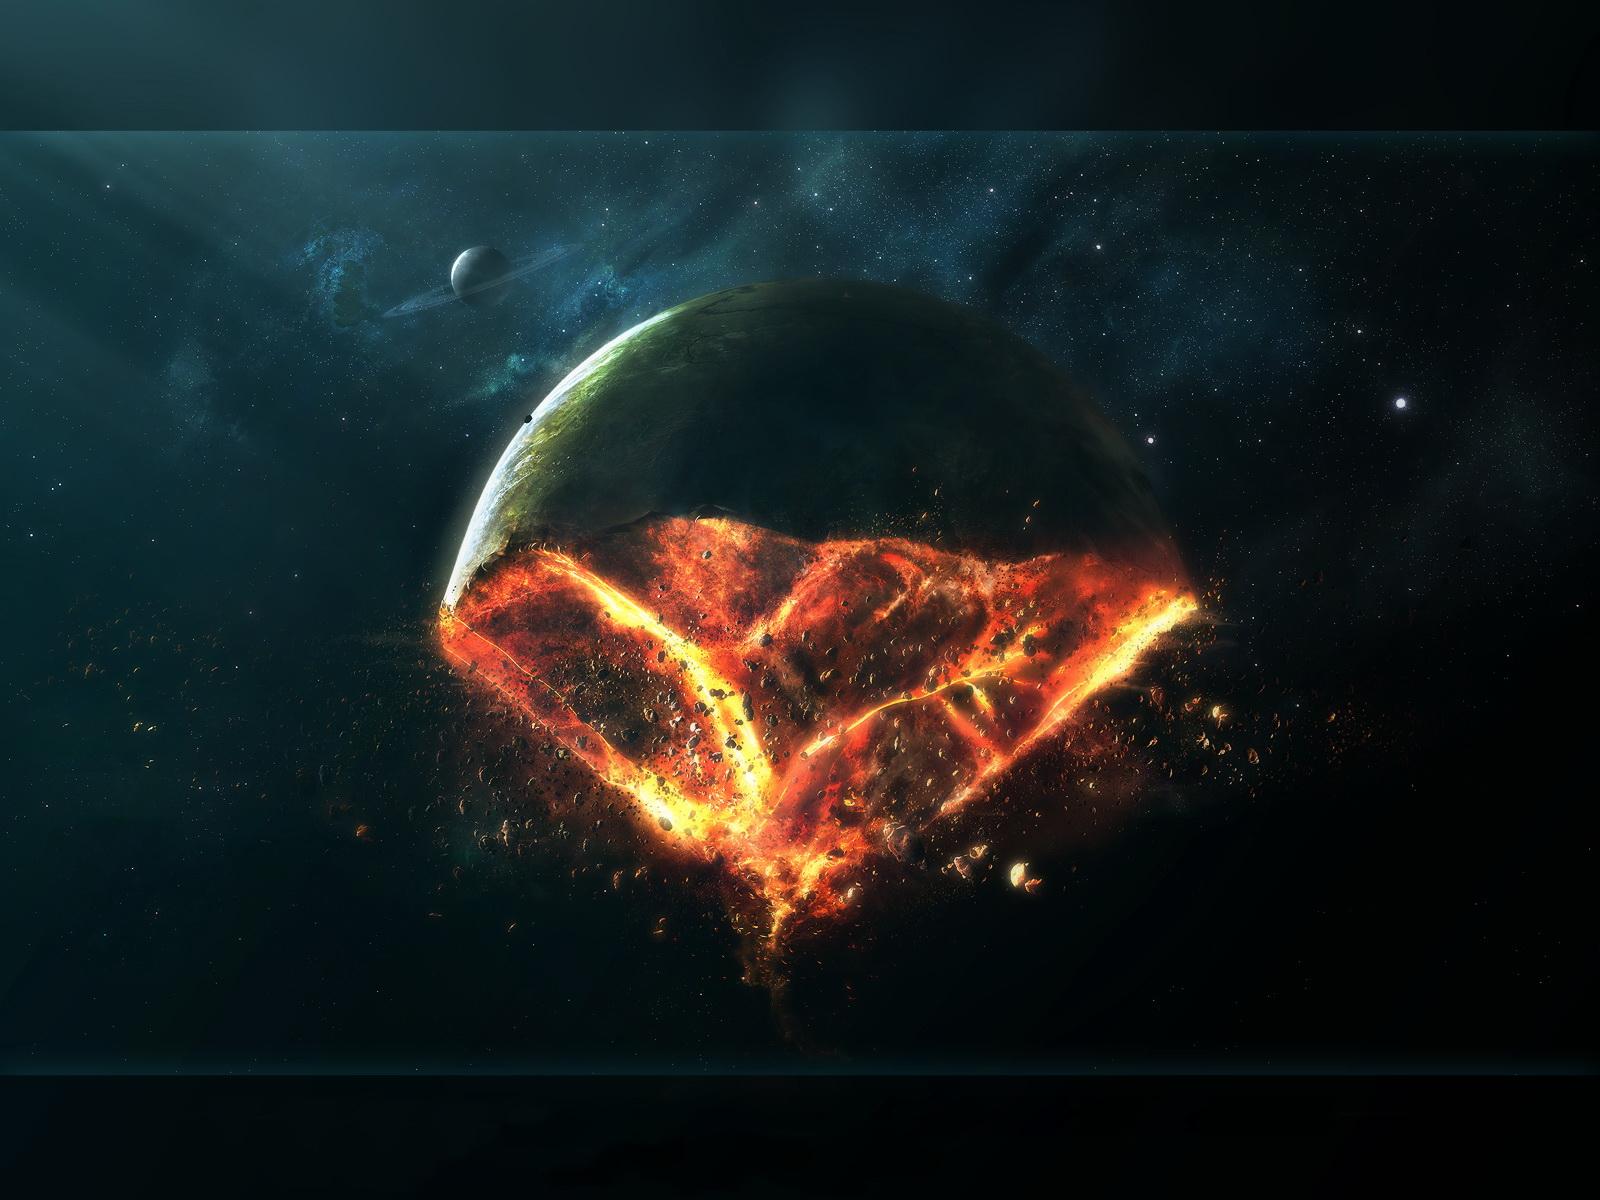 http://2.bp.blogspot.com/-ZtdF6GfpIug/Tt0Ifq2oUfI/AAAAAAAAAqU/iZXq2-h0Rc4/s1600/exploding_planet_wallpaper.jpg